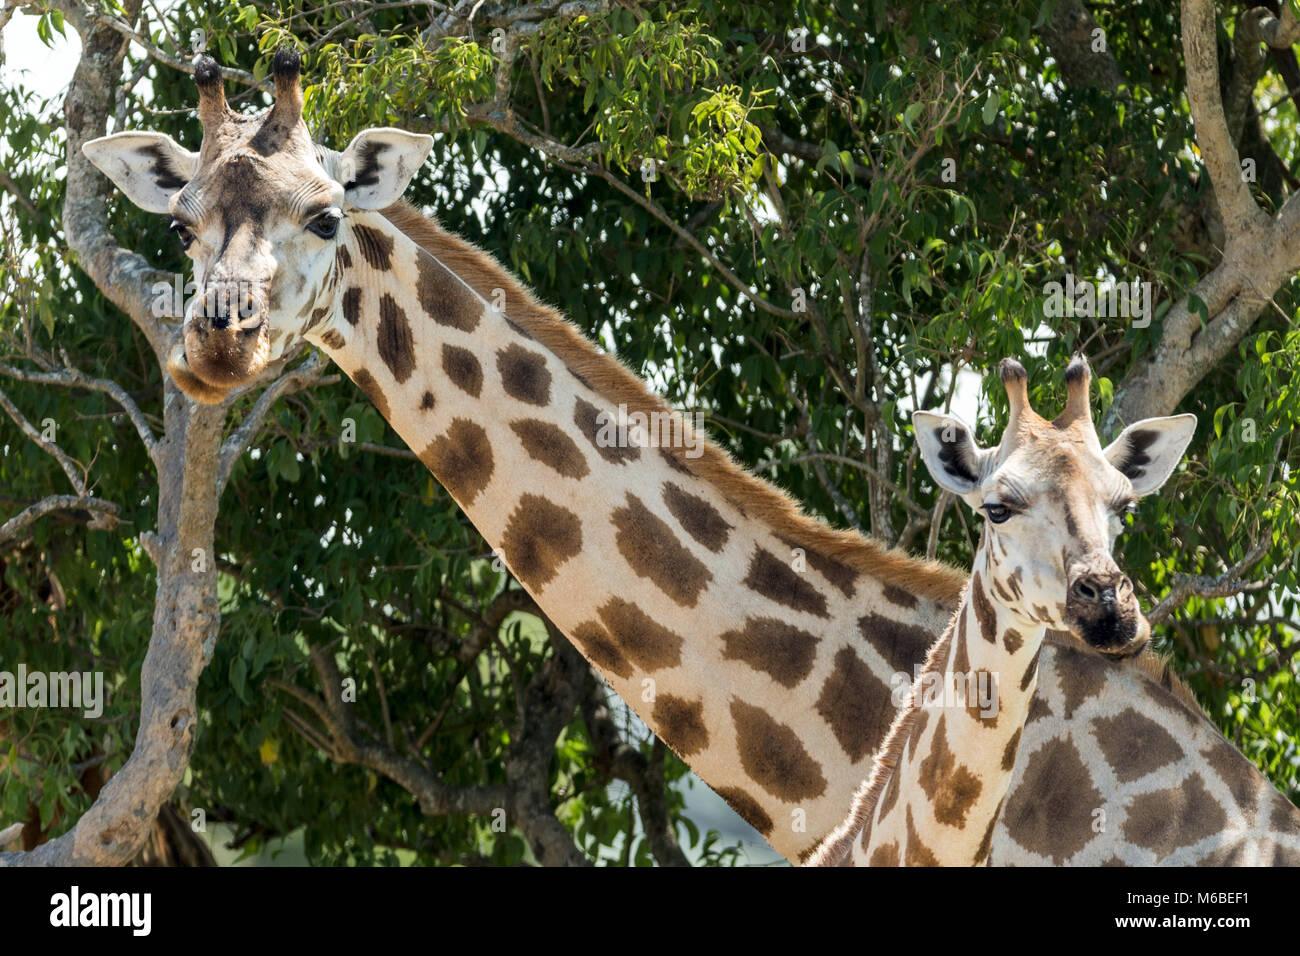 Mutter und Jungtiere Rothschild's Giraffe bin urchison Falls National Park', Uganda, Afrika Stockbild